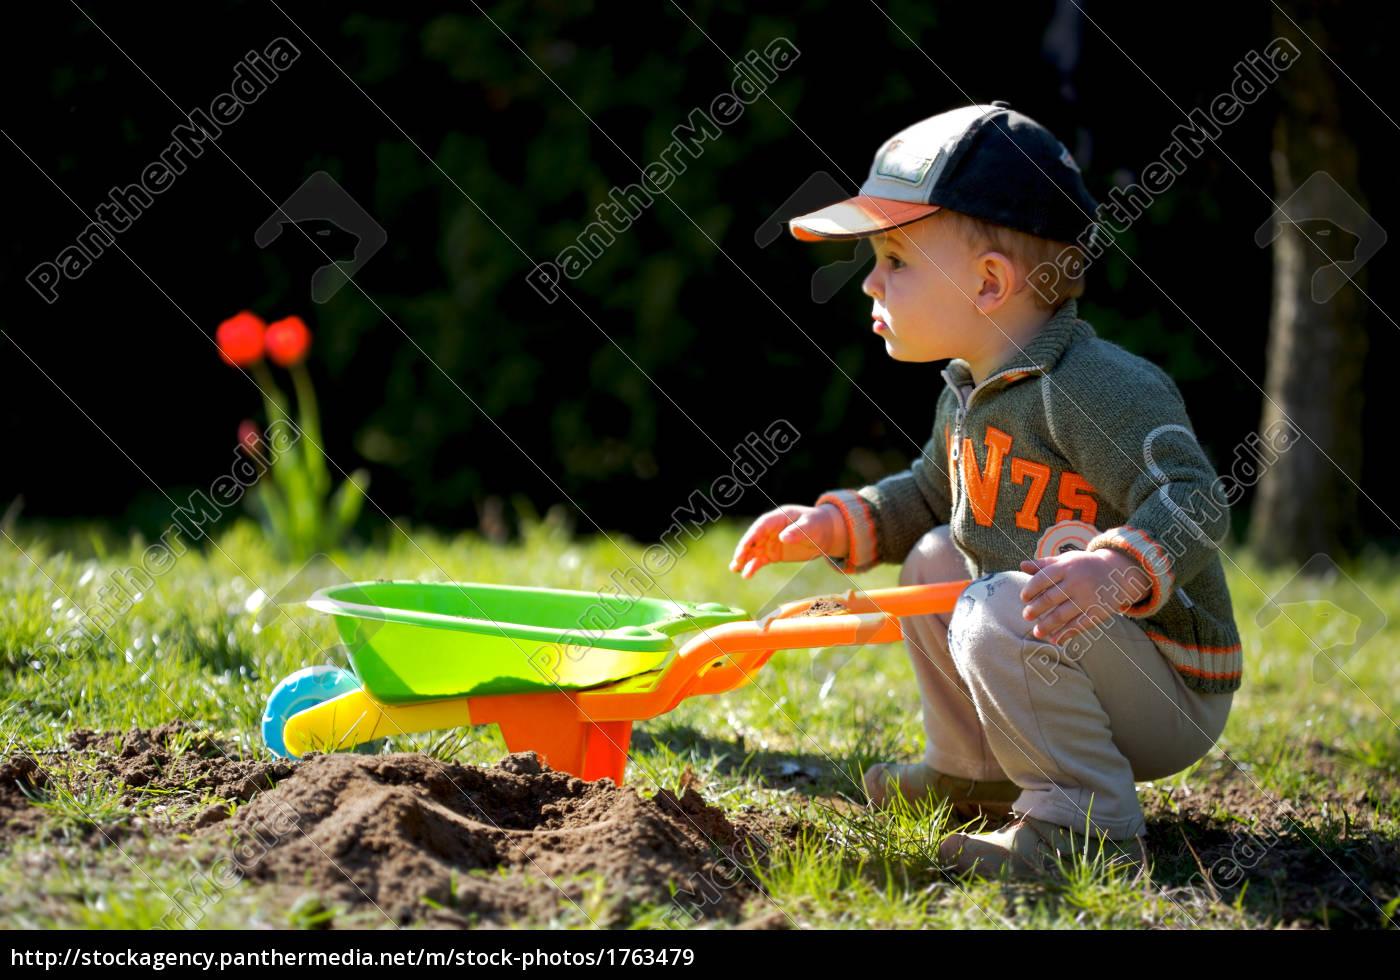 little, gardener - 1763479